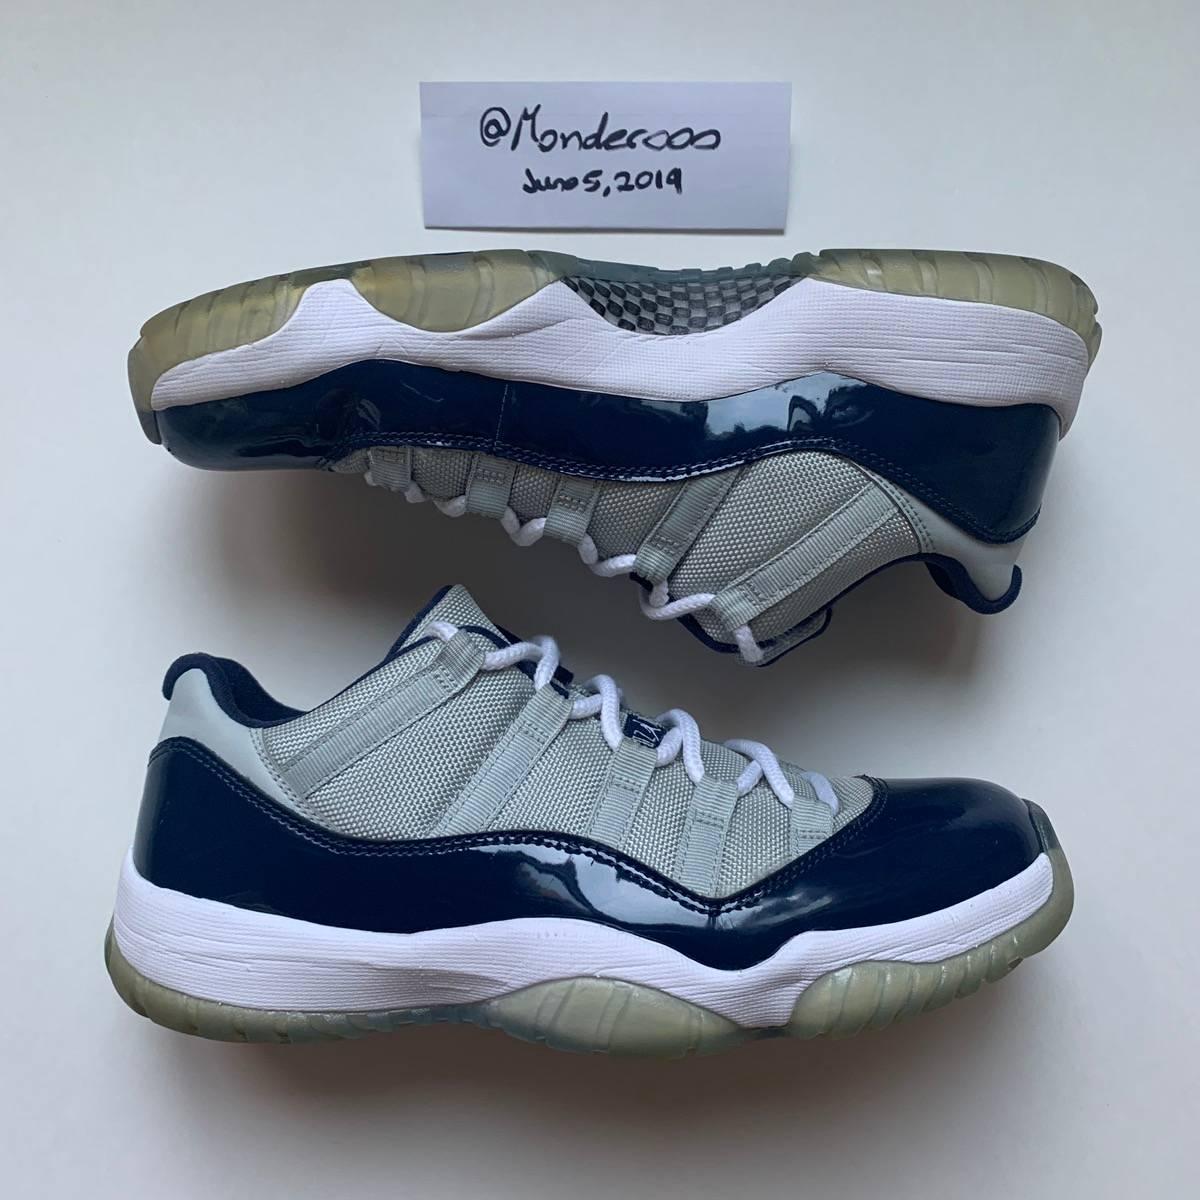 Jordan Brand Air Jordan 11 Retro Low 'Georgetown'